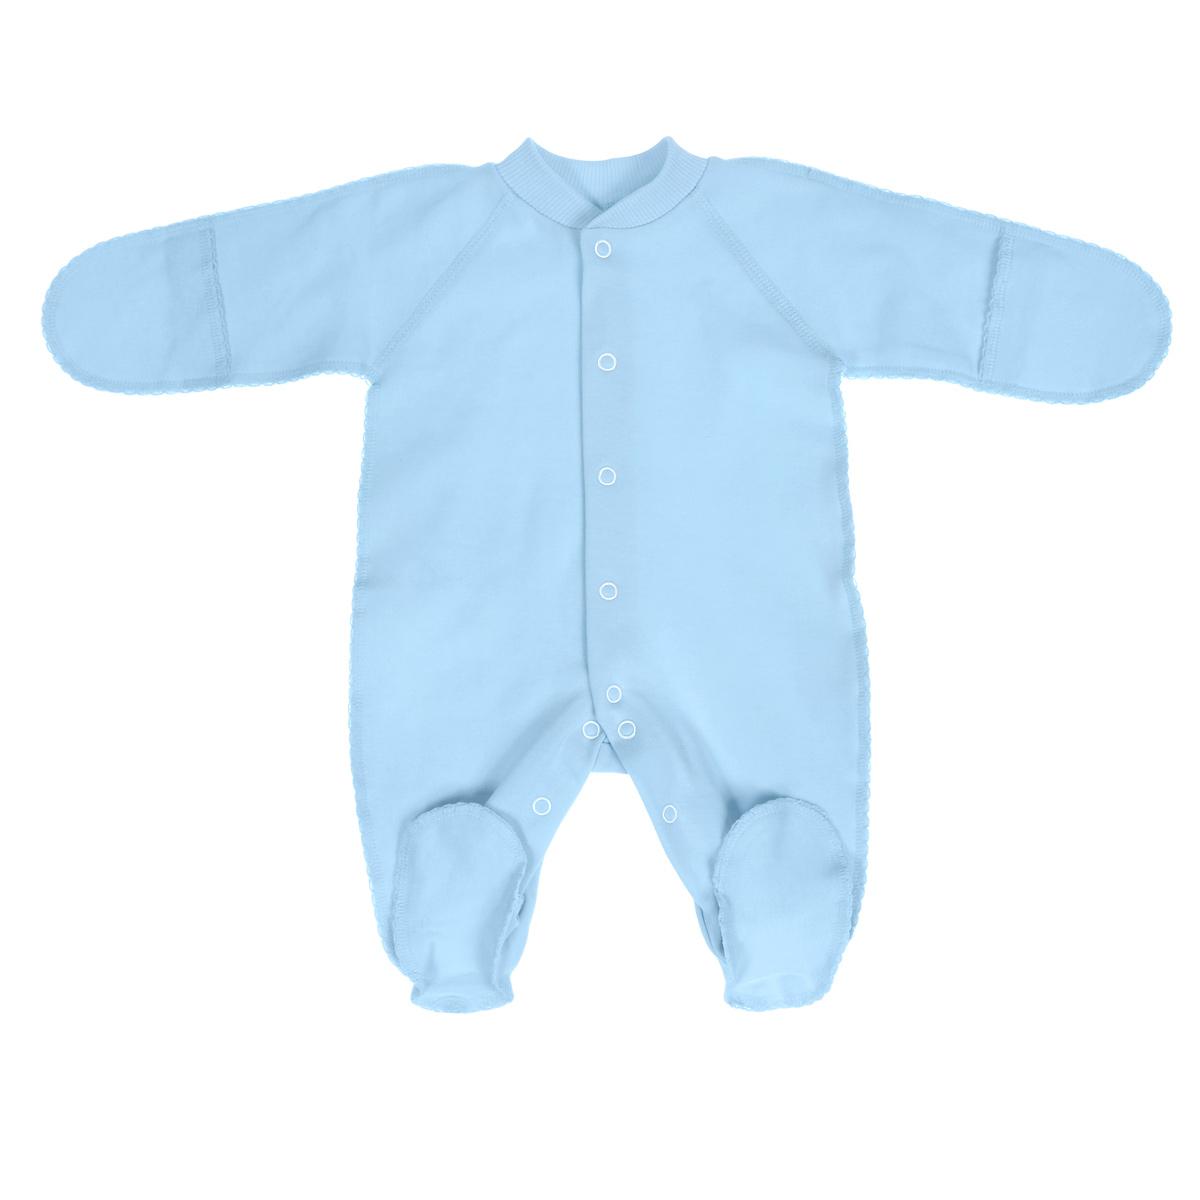 Комбинезон детский Фреш Стайл, цвет: голубой. 37-523. Размер 56, от 0 месяцев37-523Детский комбинезон Фреш Стайл станет идеальным дополнением к гардеробу вашего ребенка. Выполненный из натурального хлопка, он необычайно мягкий и приятный на ощупь, не раздражают нежную кожу ребенка и хорошо вентилируется. Комбинезон с длинными рукавами-реглан, закрытыми ножками и небольшим воротником-стойкой застегиваются спереди на кнопки по всей длине и на ластовице, что облегчает переодевание ребенка и смену подгузника. Горловина дополнена трикотажной эластичной резинкой. Благодаря рукавичкам ребенок не поцарапает себя. Швы выполнены наружу и оформлены ажурными петельками.В таком комбинезоне ваш малыш будет чувствовать себя комфортно и уютно!